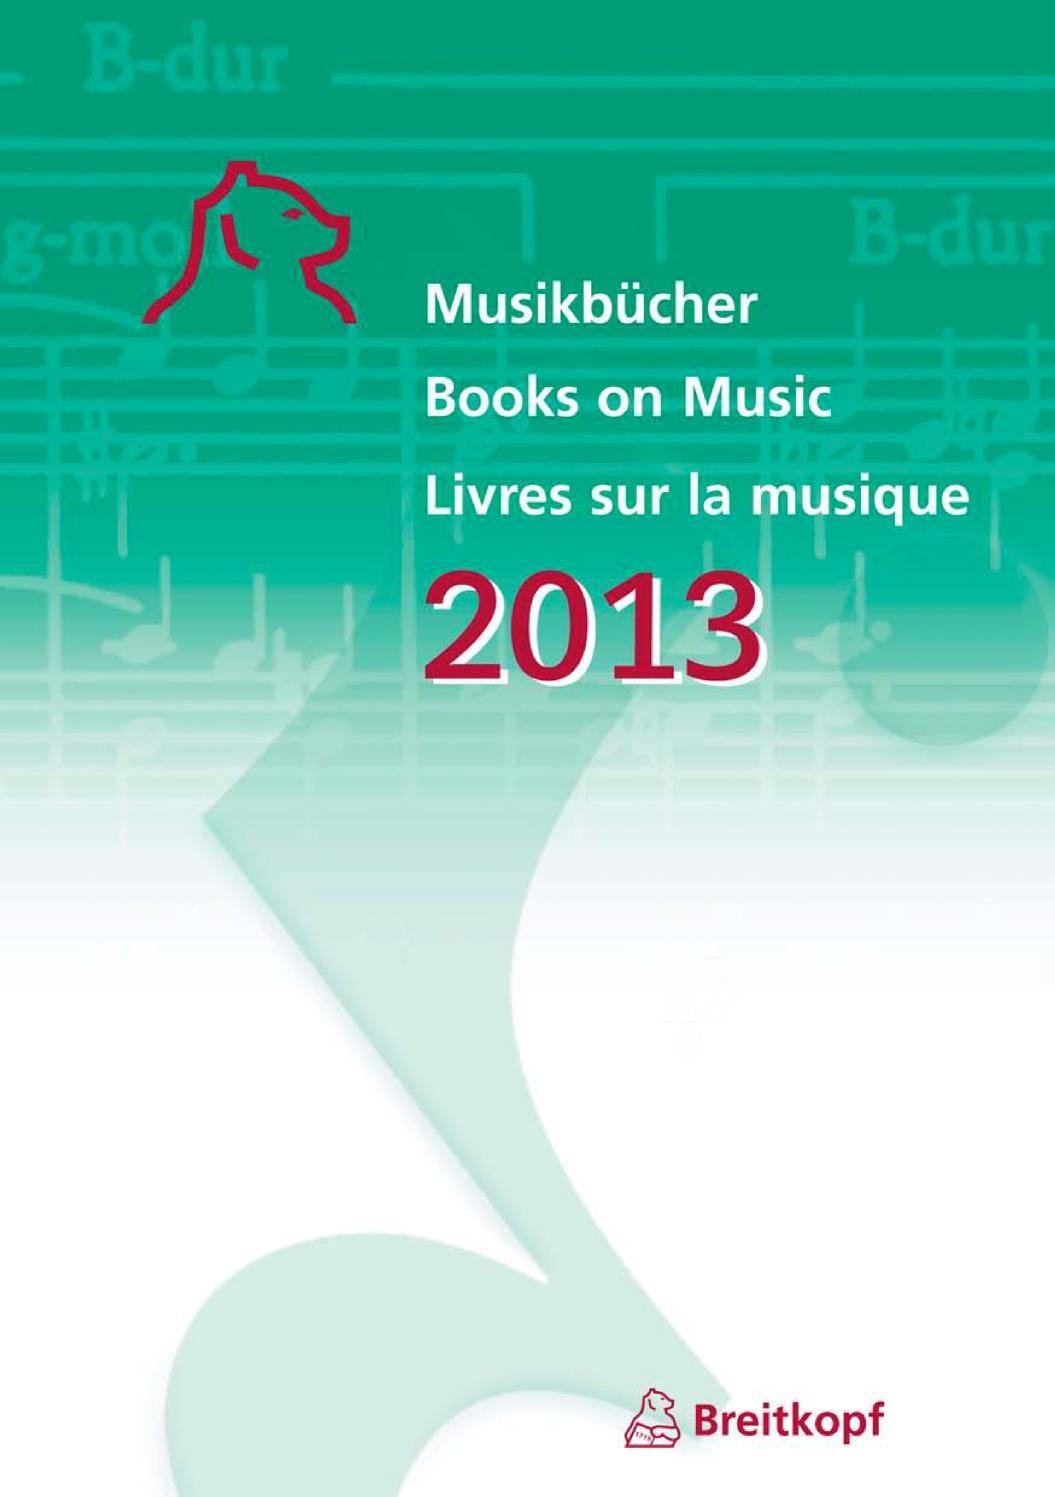 Musikbücher 2013 by Breitkopf & Härtel - issuu